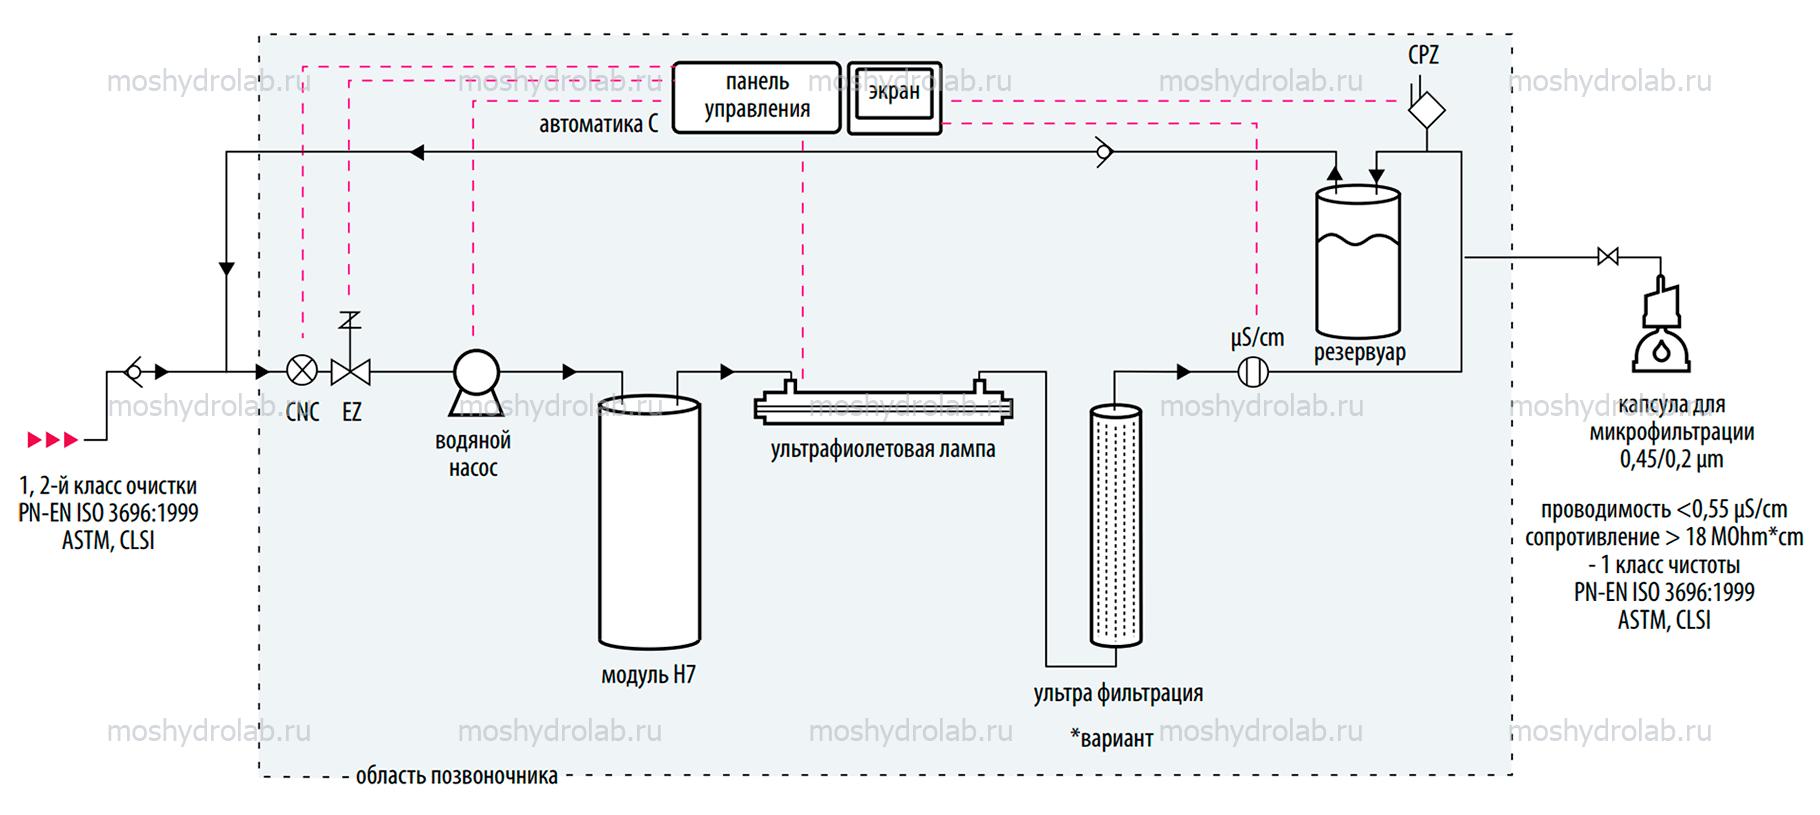 Стать дилером Hydrolab: системы подготовки воды для лаборатории